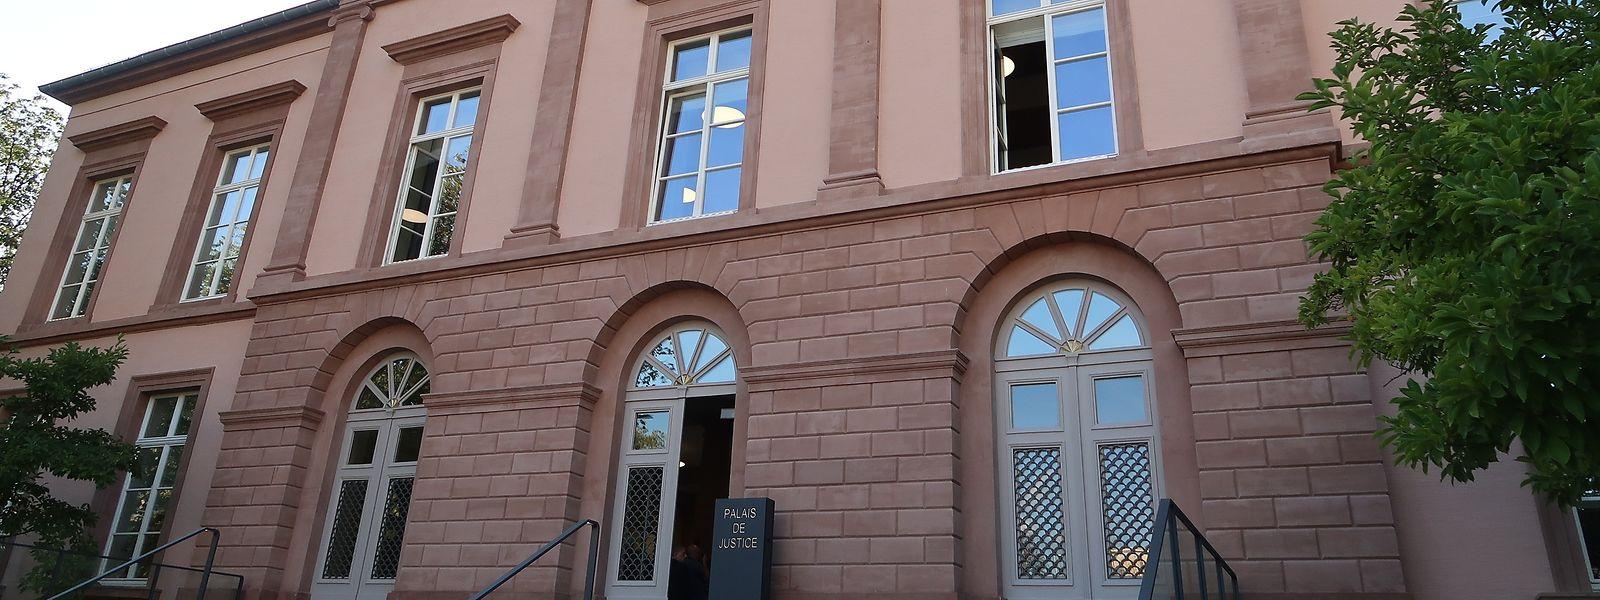 Die Richter aus Diekirch haben ihr Urteil gefällt.